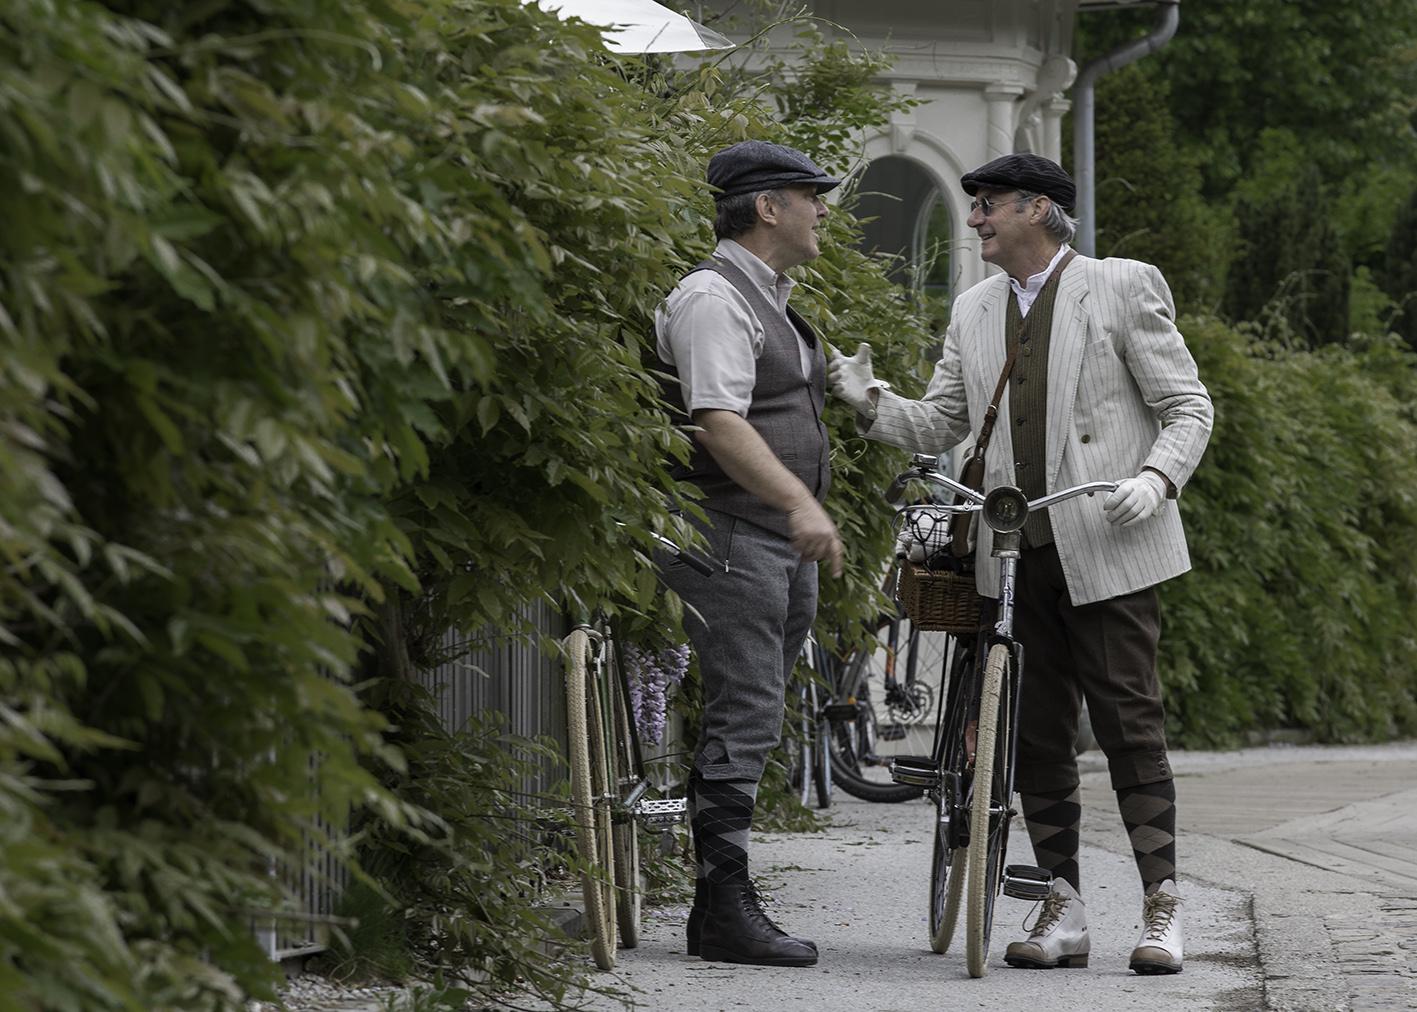 Radfahrer_die Herren_375A4367